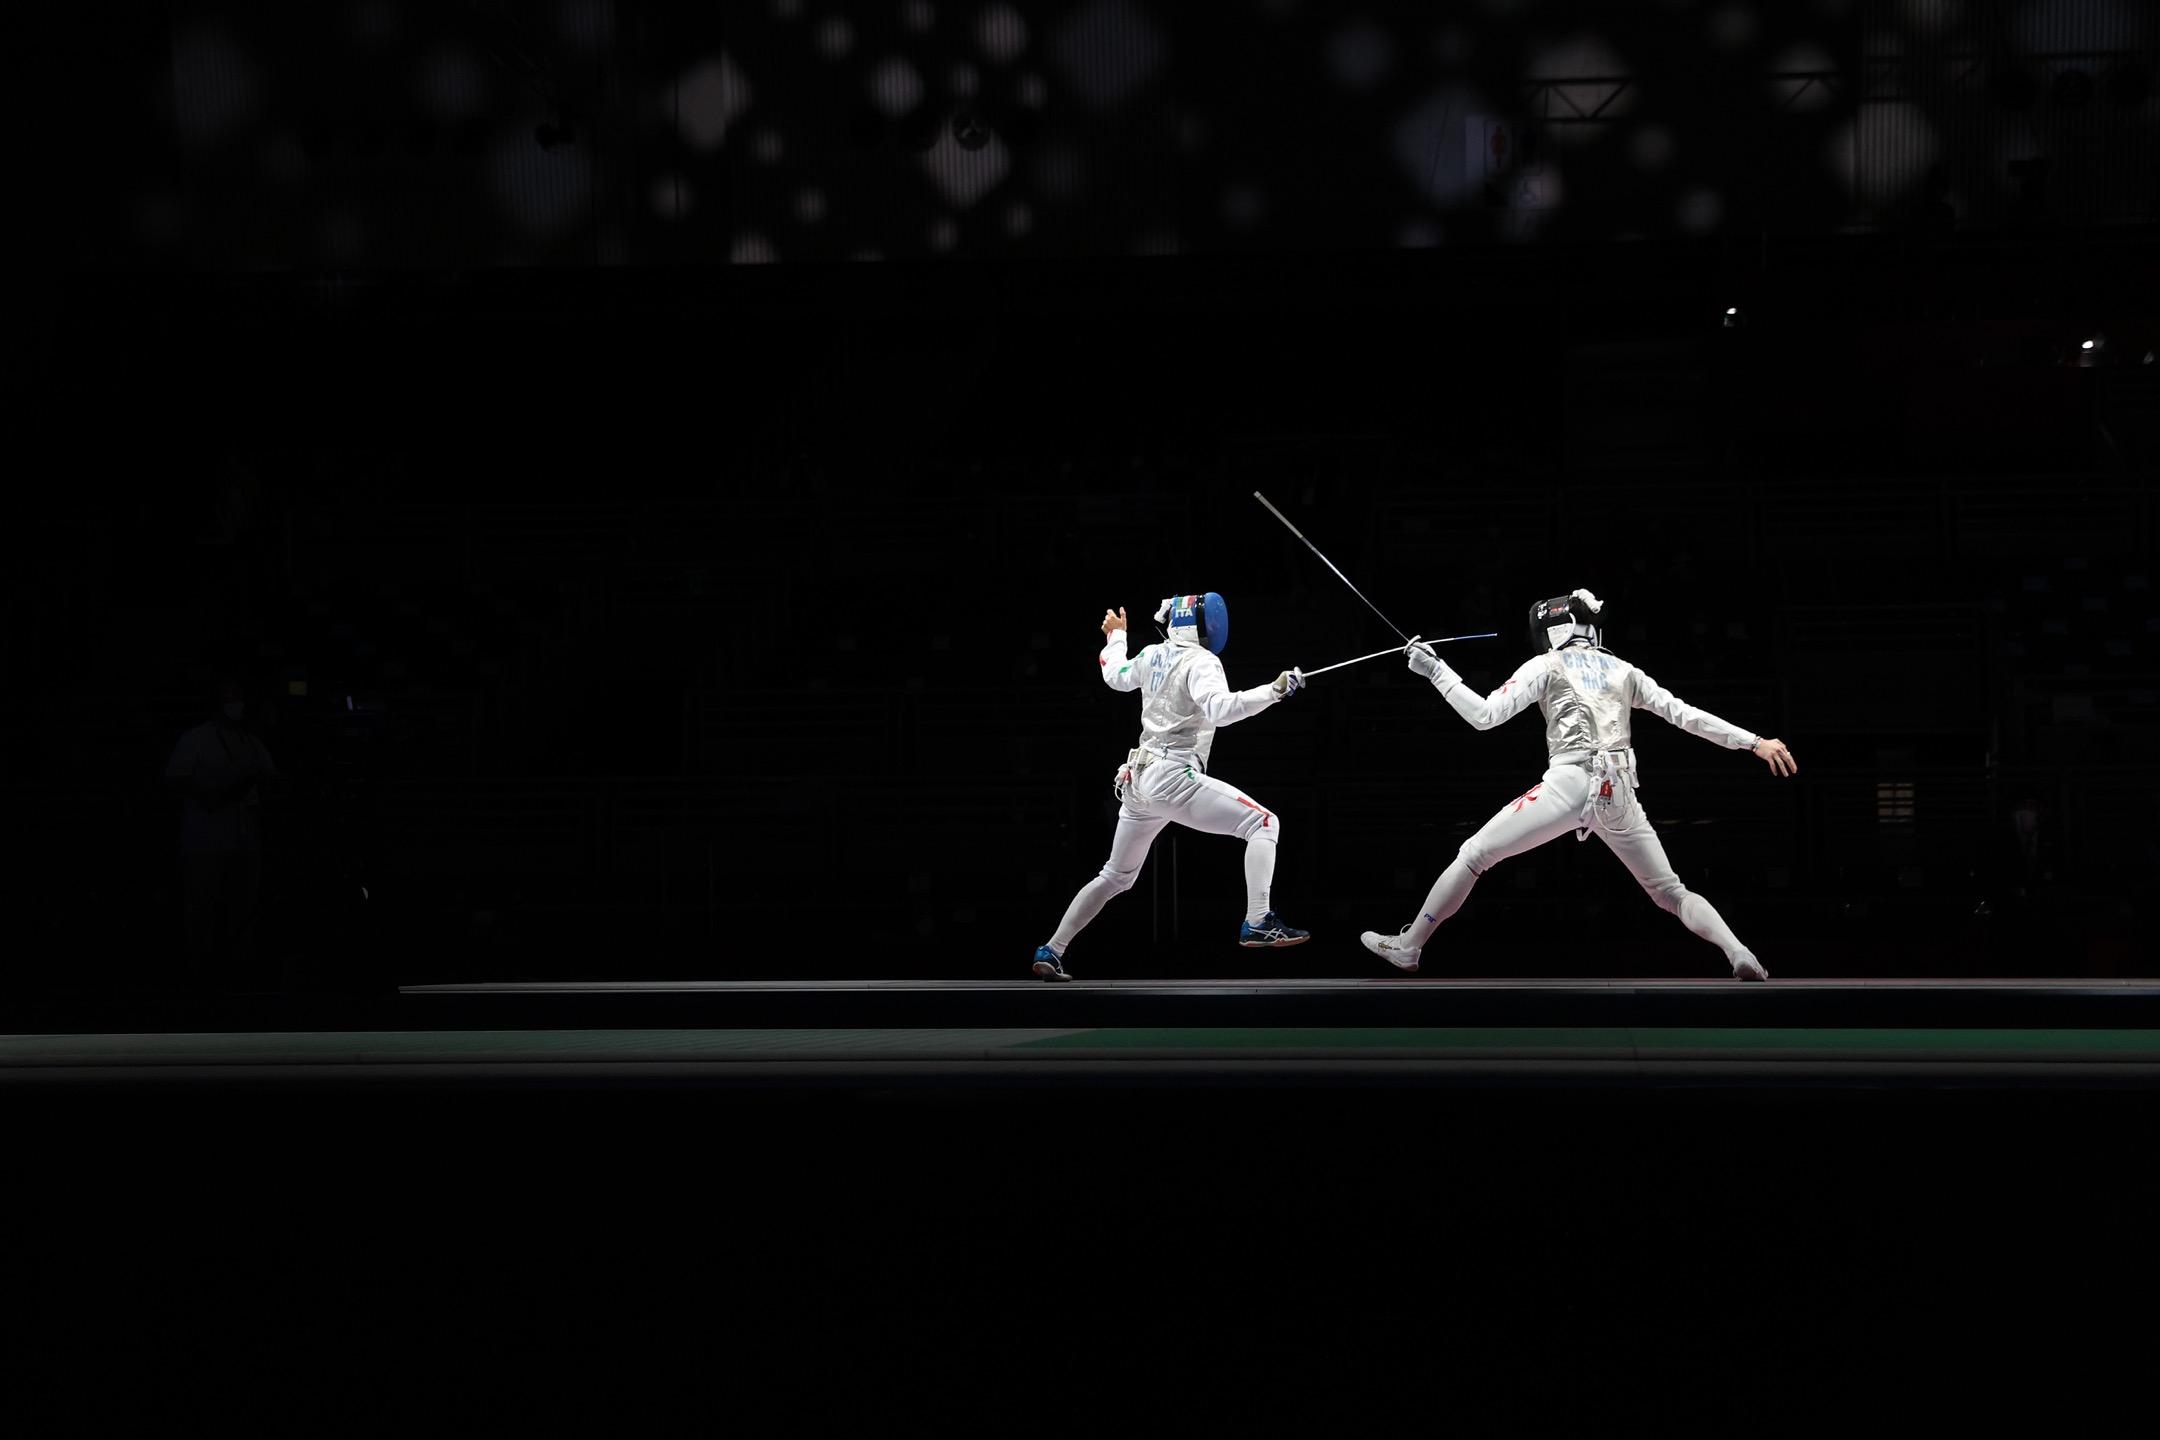 2021年7月26日,東京奧運,男子花劍項目16強賽事,香港代表張家朗(右)對意大利代表Alessio Foconi。